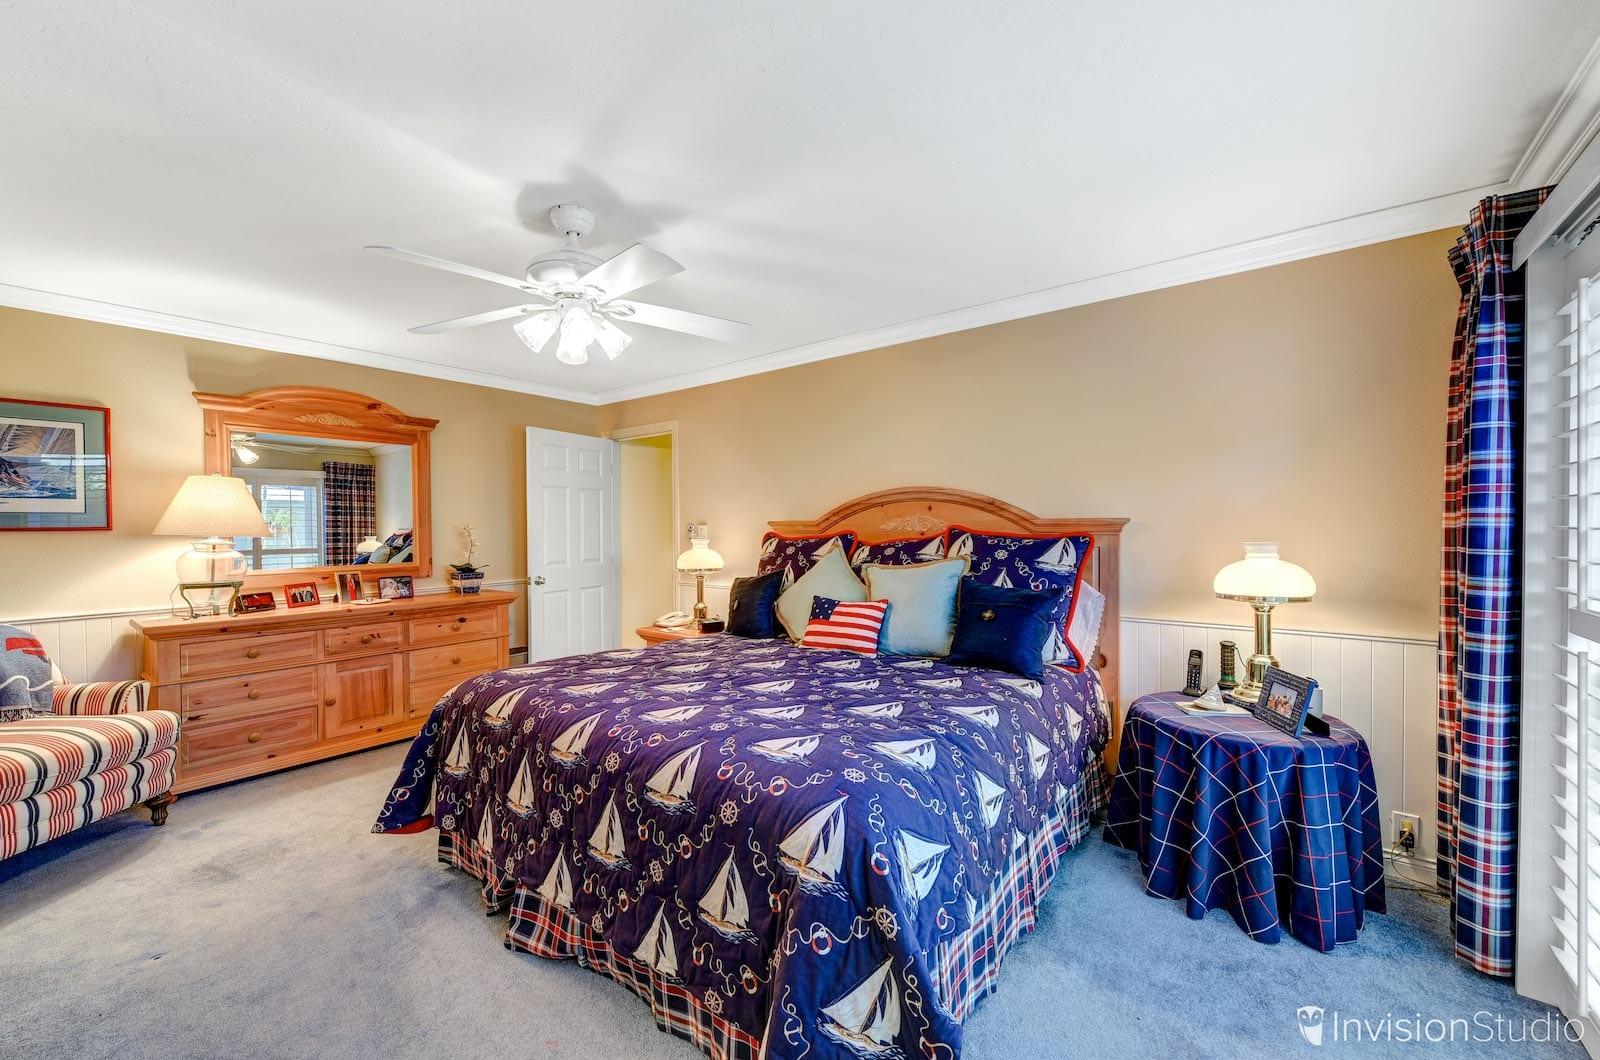 Bedroom Ideas Orange County | Orange County 360 Photography Services| Orange County Drone Photography Services | Orange County Matterport 3D Tours